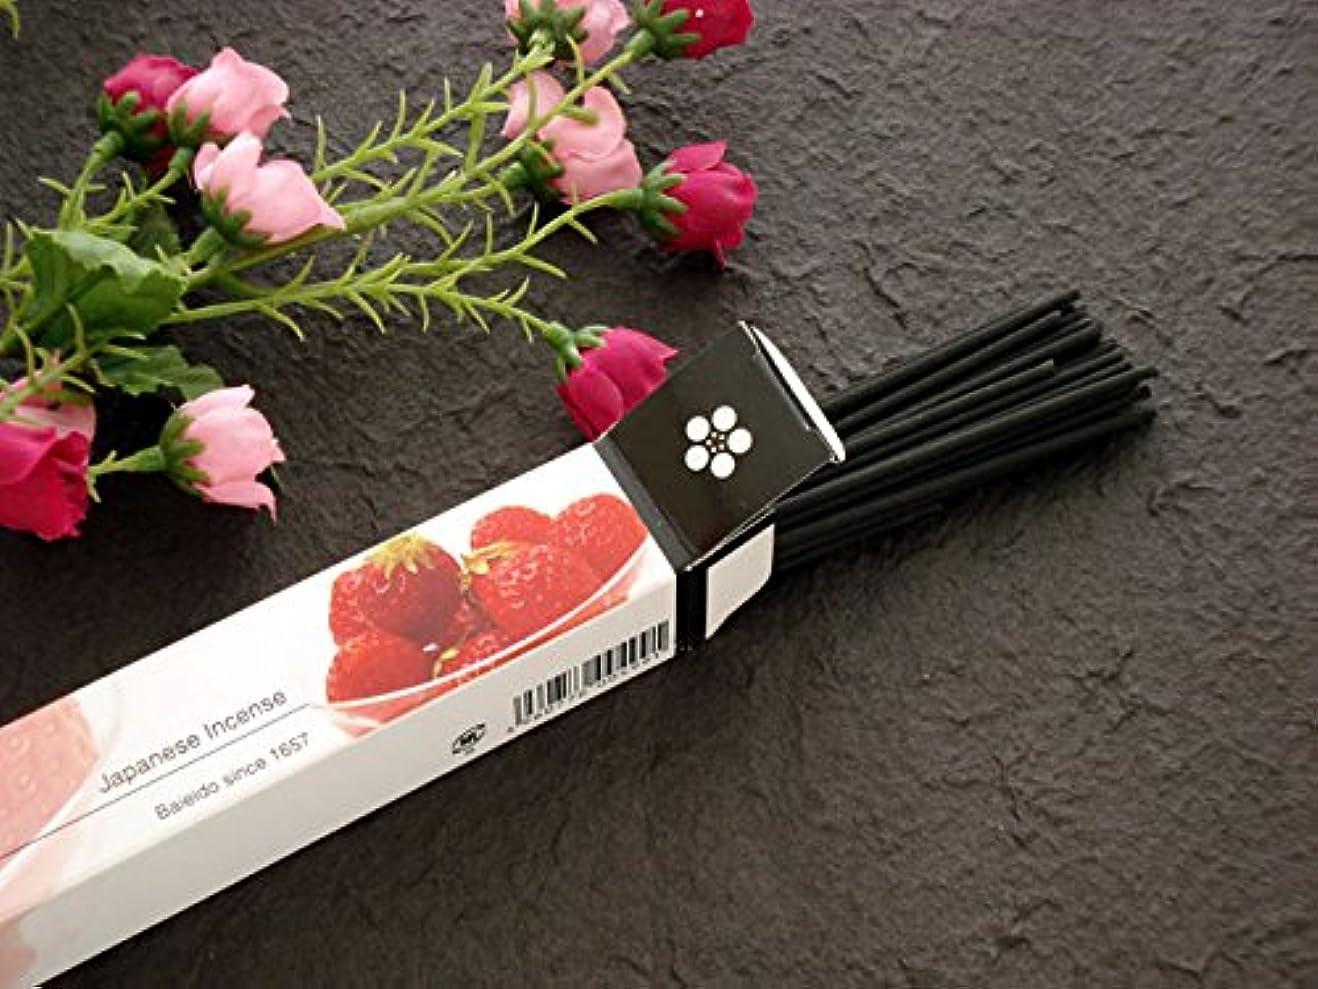 十分機会ノベルティ梅栄堂のお香 strawberry (イチゴの香り)